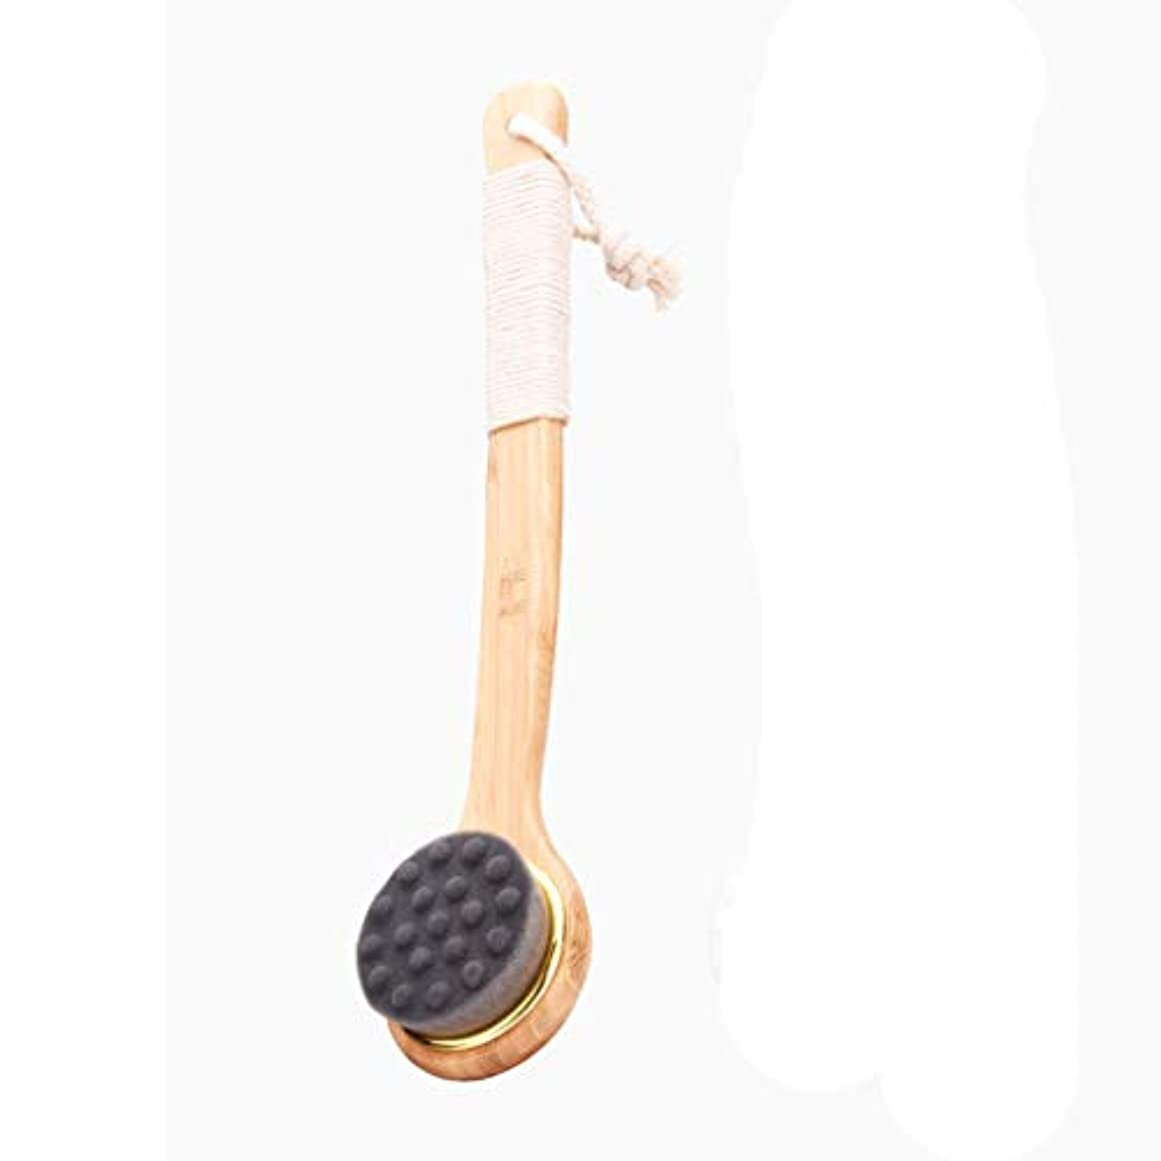 熱狂的なにもかかわらずお手入れシャワーをもっと楽しくするすべてのタイプのスキンのための上げられたポイントを持つ長い柄のバスブラシ (色 : A)